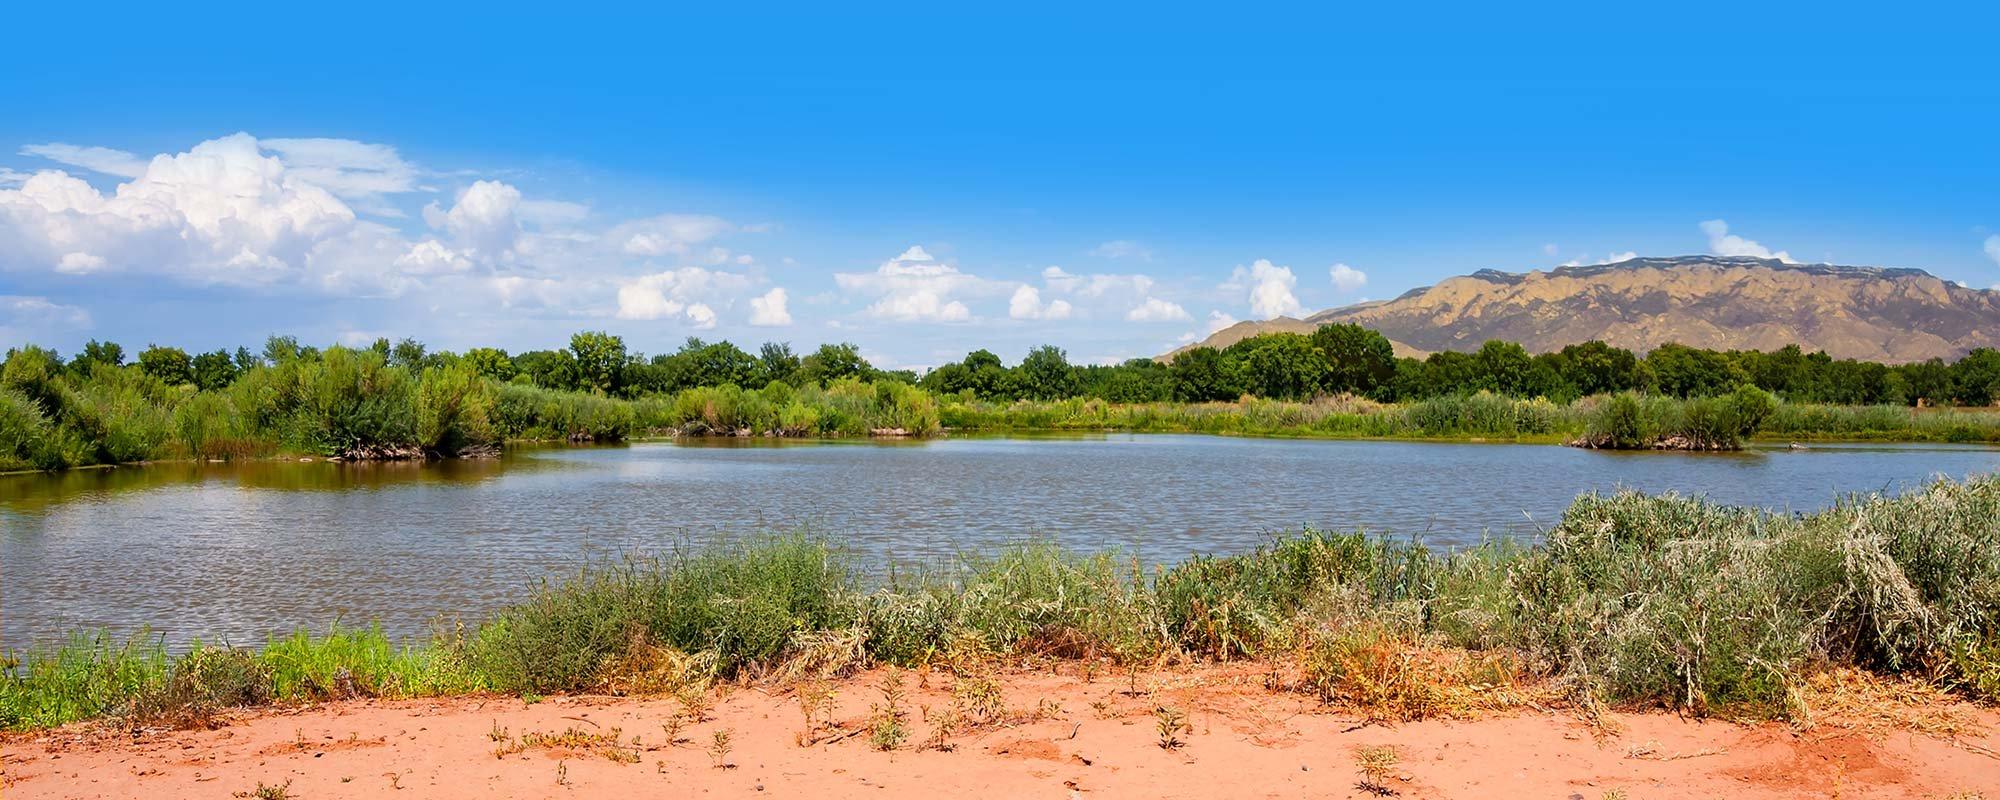 Sandia River Area